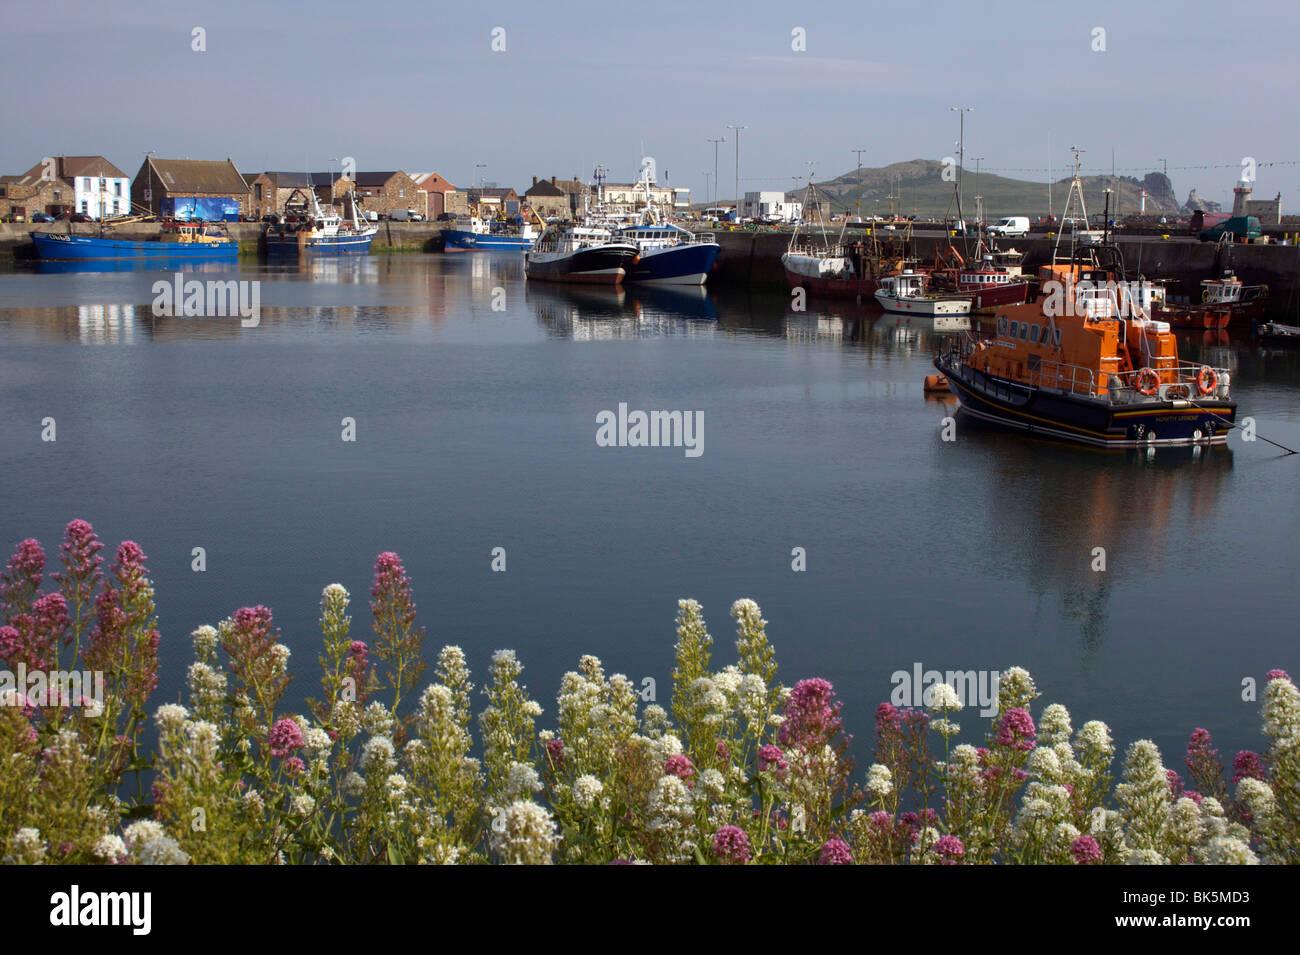 Howth Harbor, Condado de Dublín, República de Irlanda, Europa Foto de stock